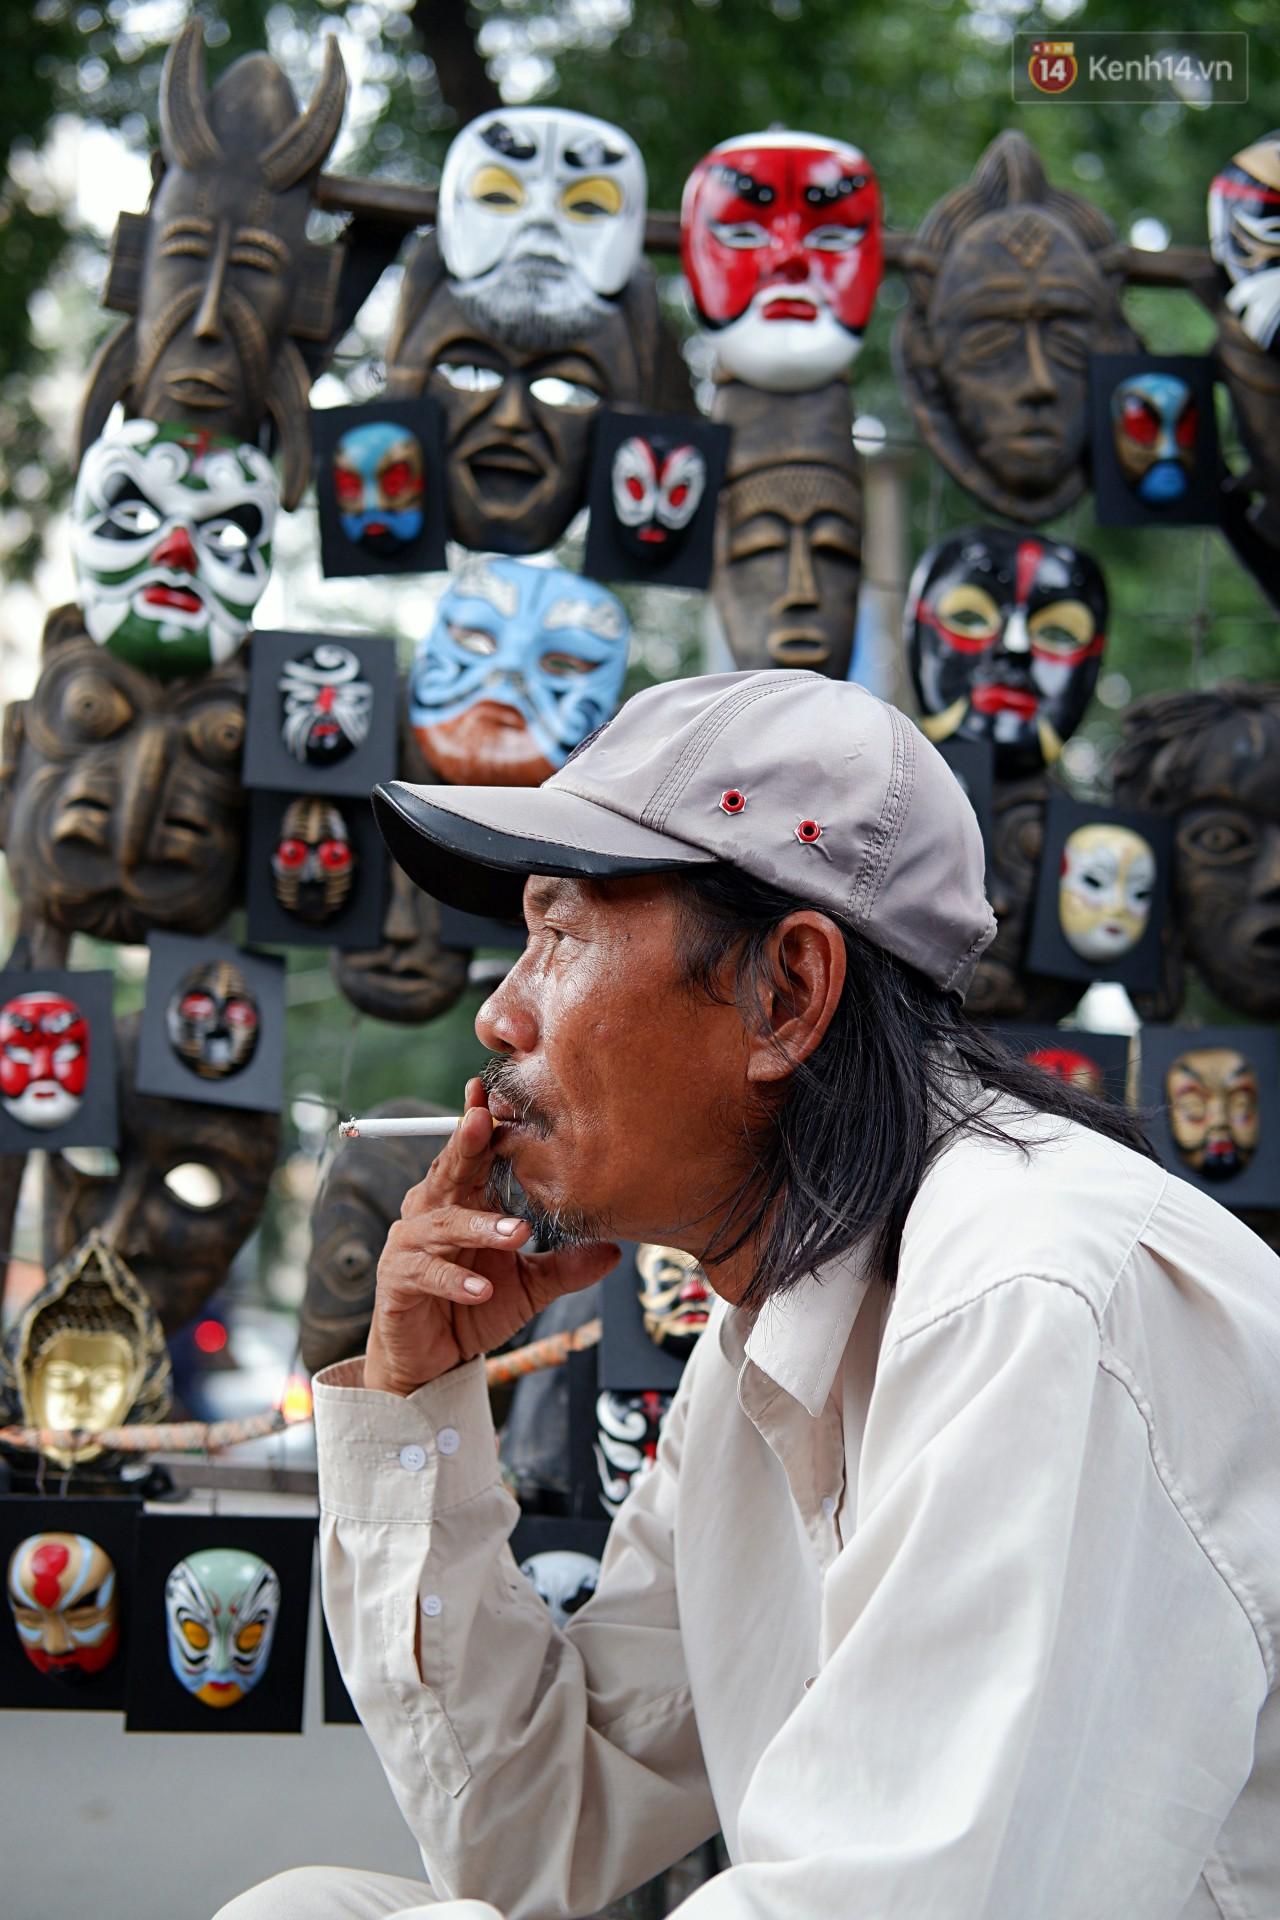 30 năm rong ruổi đường phố Sài Gòn của 'chú Bảy mặt nạ': Từng đạp xe suốt nhiều ngày không bán nổi 1 chiếc! 8